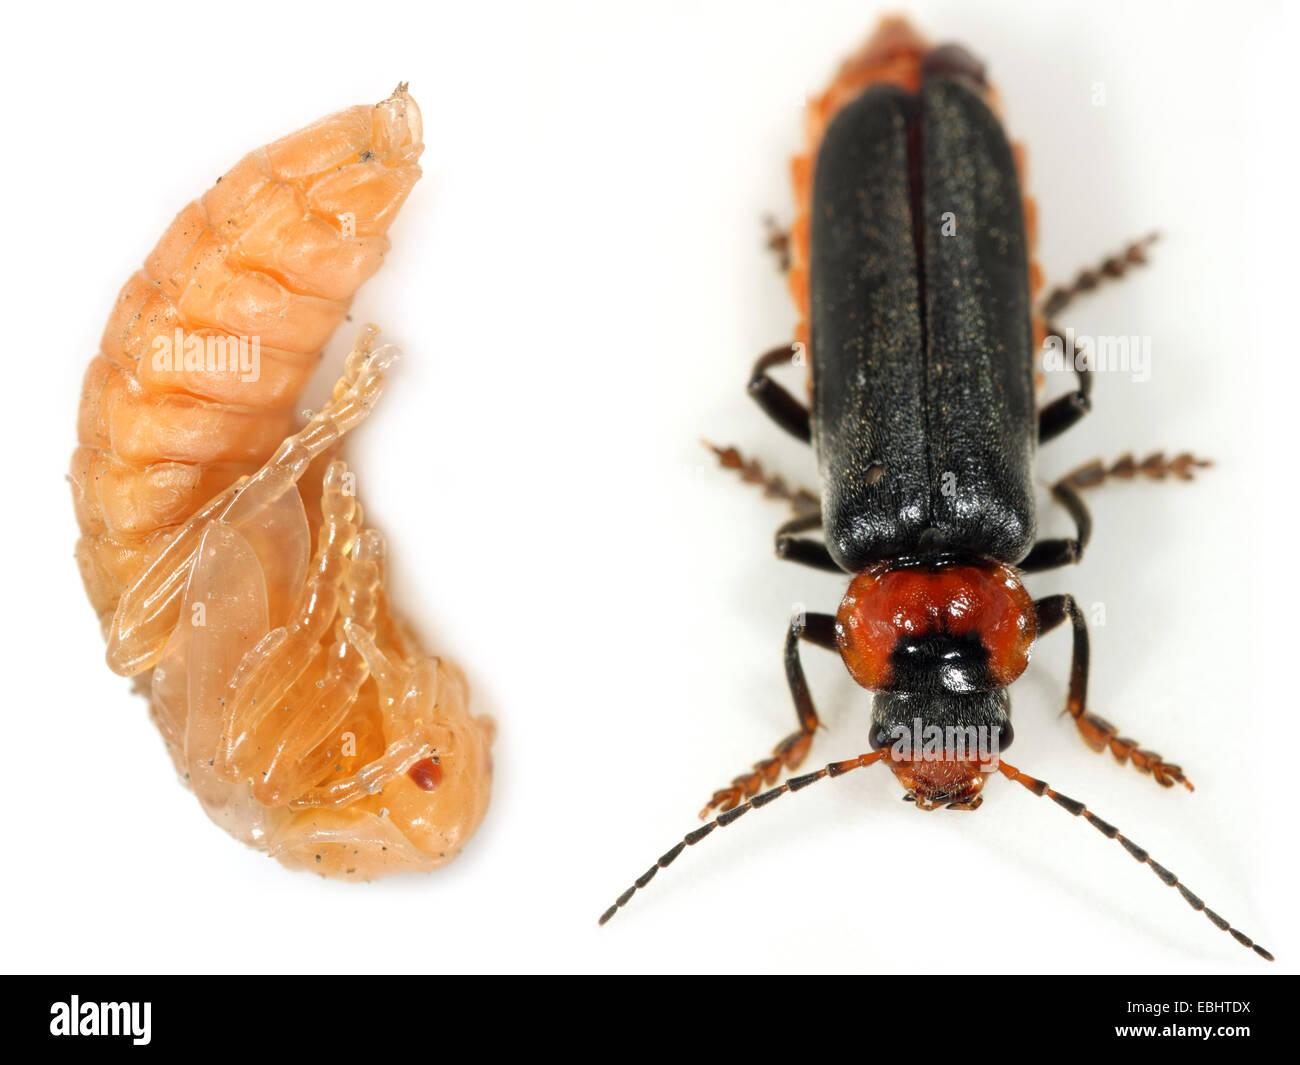 Ein Soldat Käfer oder Leatherwing (Cantharis Fusca) wie eine Puppe und in die endgültige Imago Bühne. Stockbild